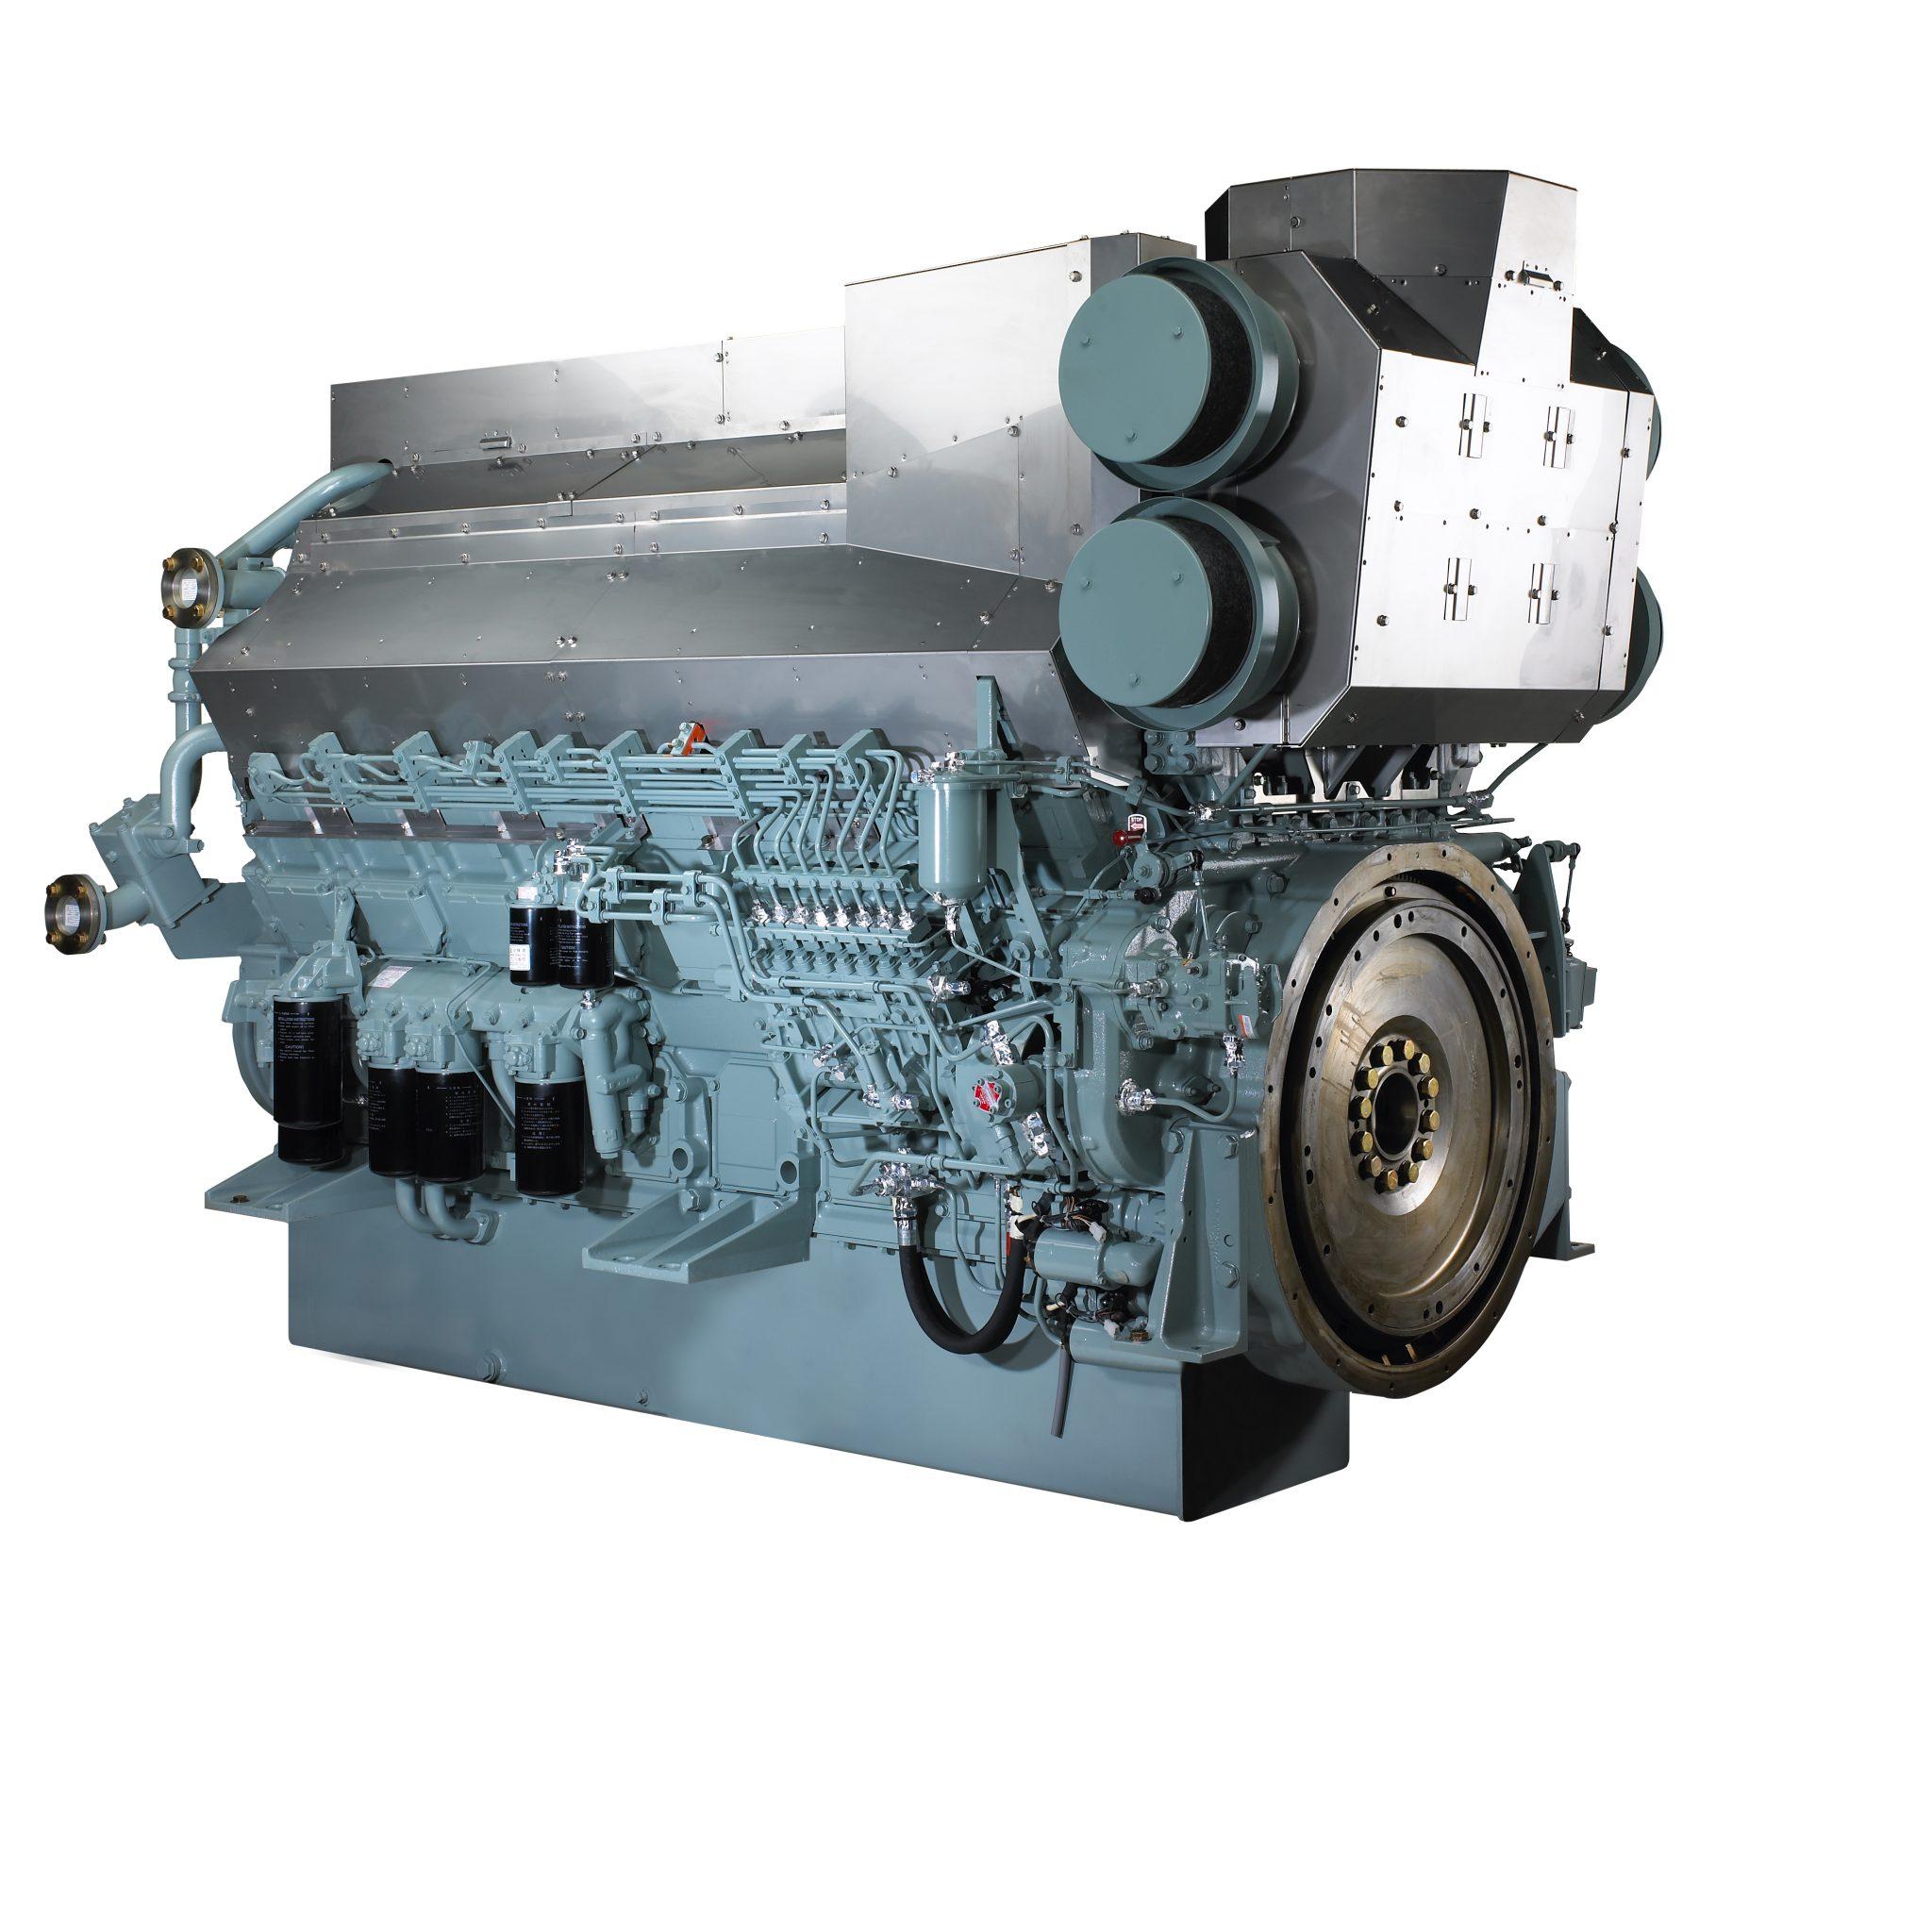 De S16R2-T2MPTAW met een vermogen van 1568 kW bij 1200 toeren wint aan populariteit. Foto MTEE